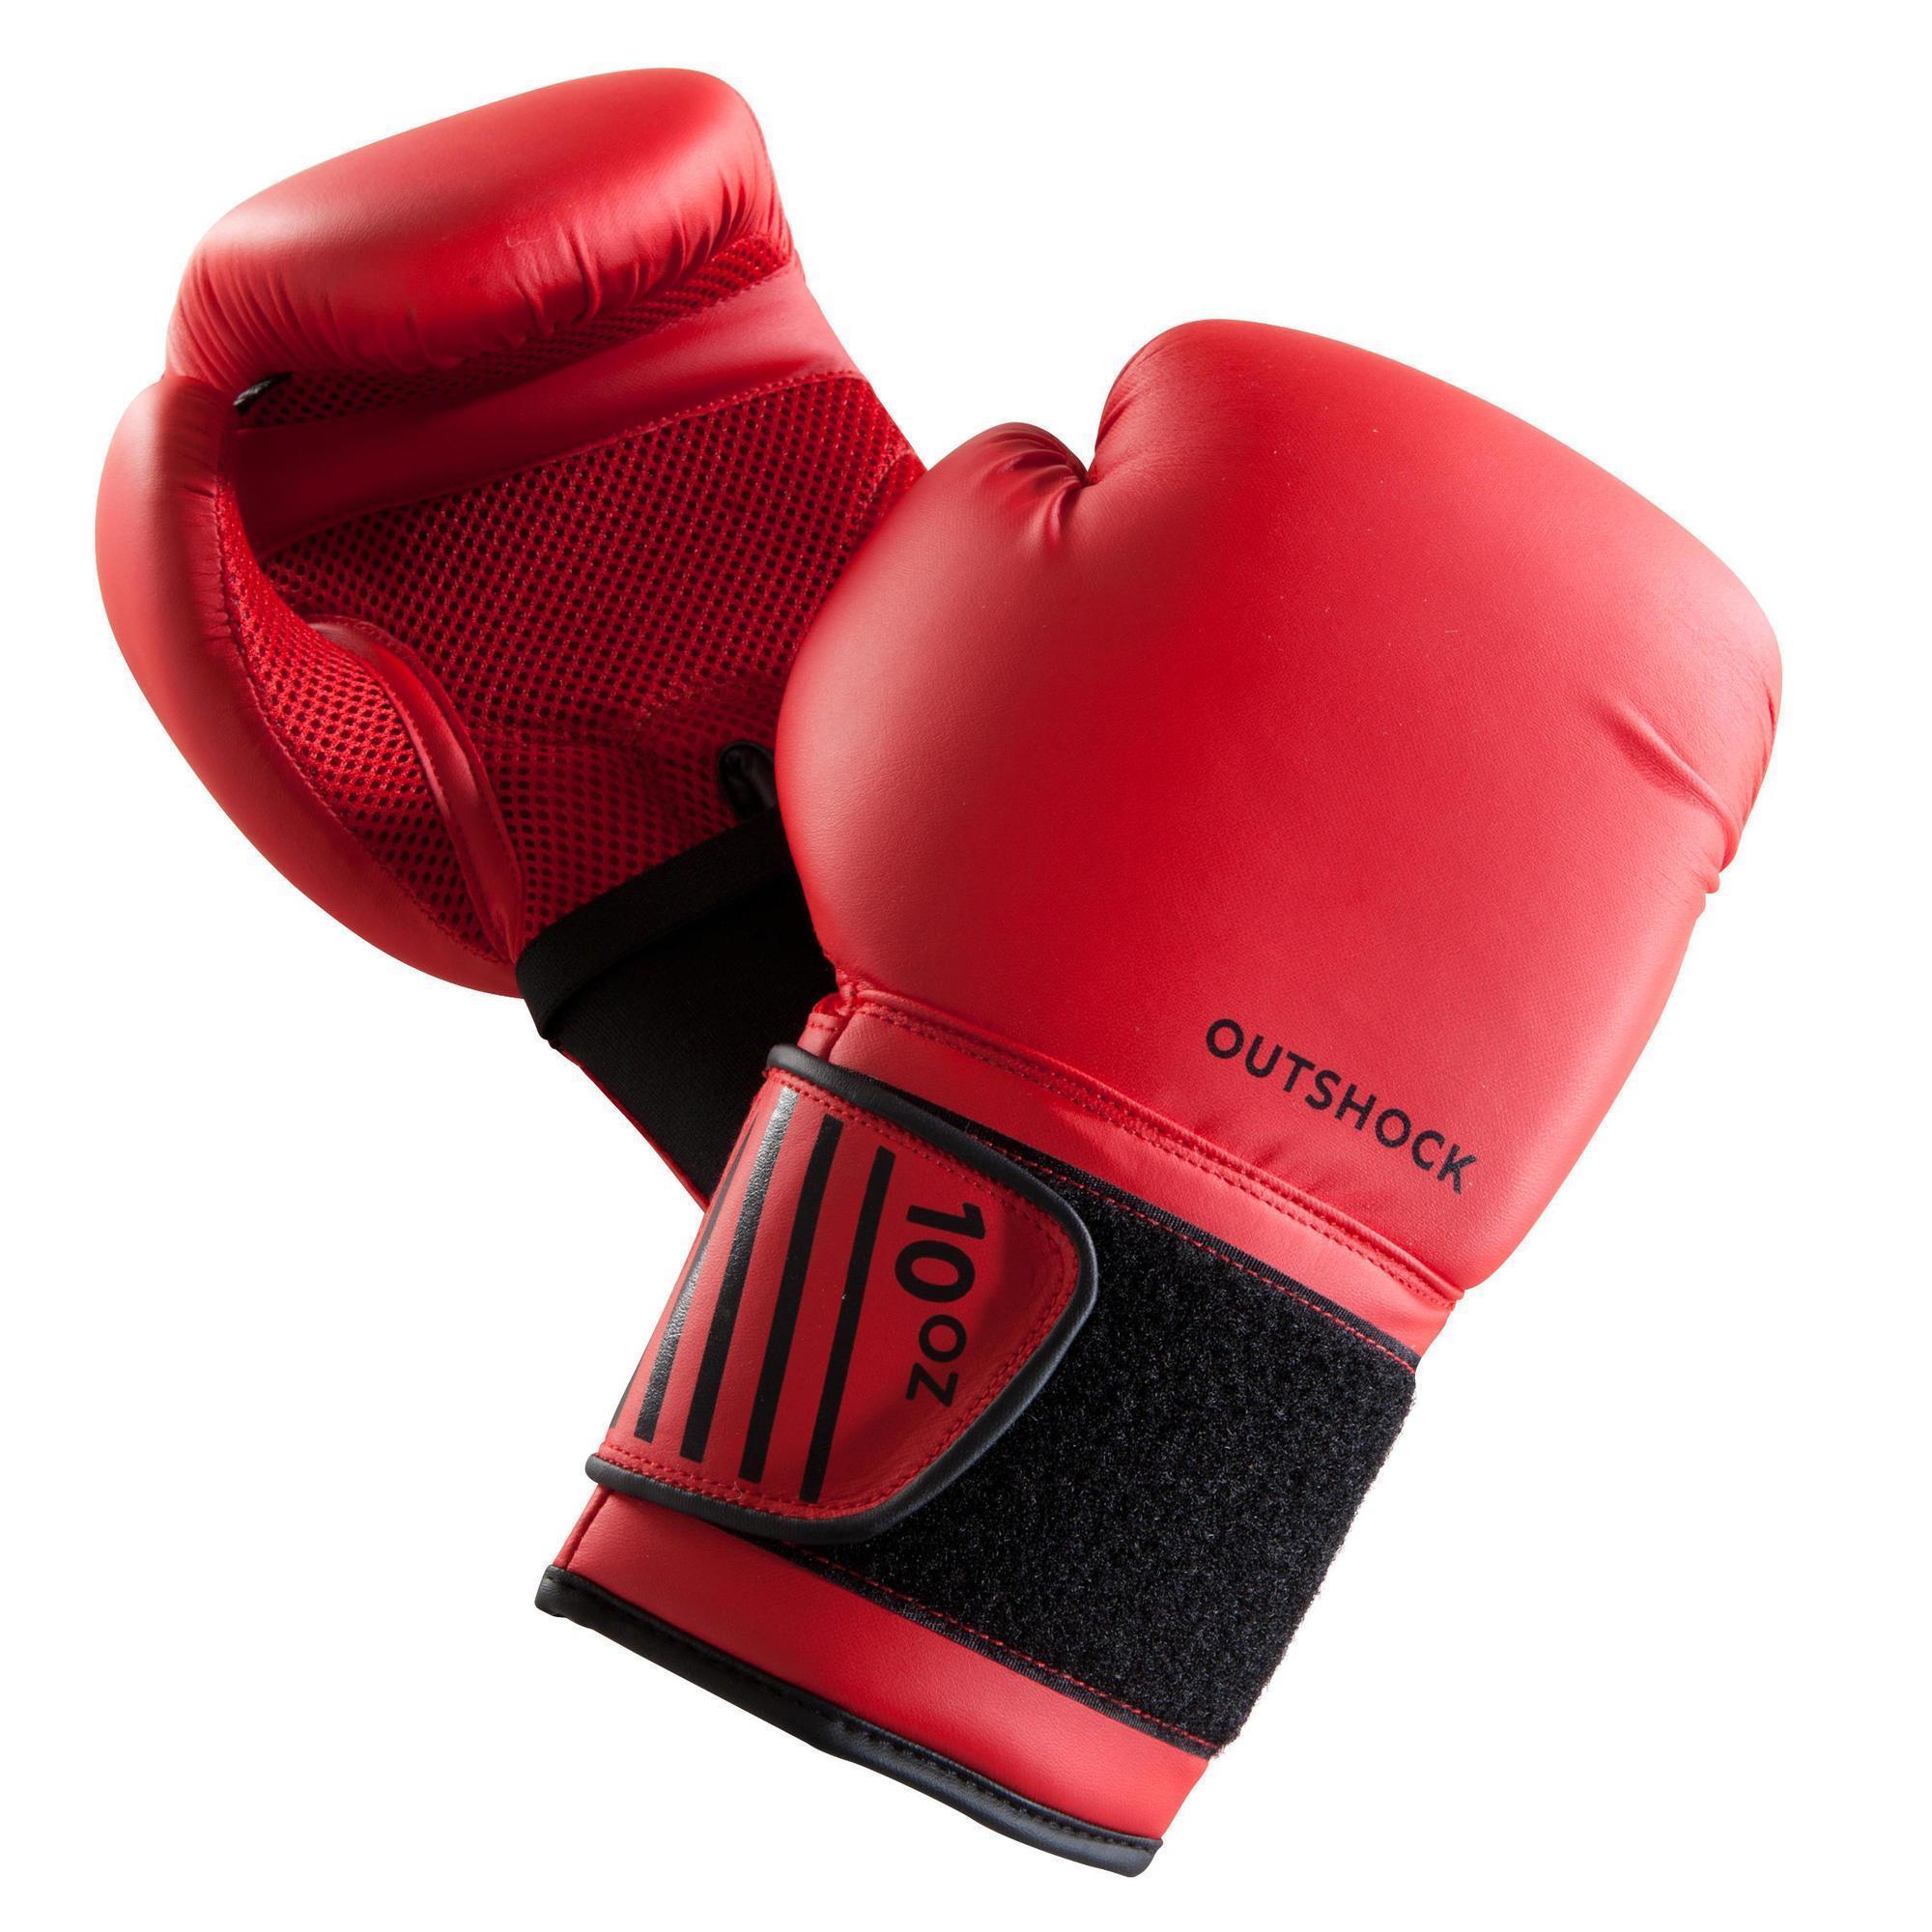 Outshock Bokshandschoenen 100 rood, beginnende bokser heren of dames